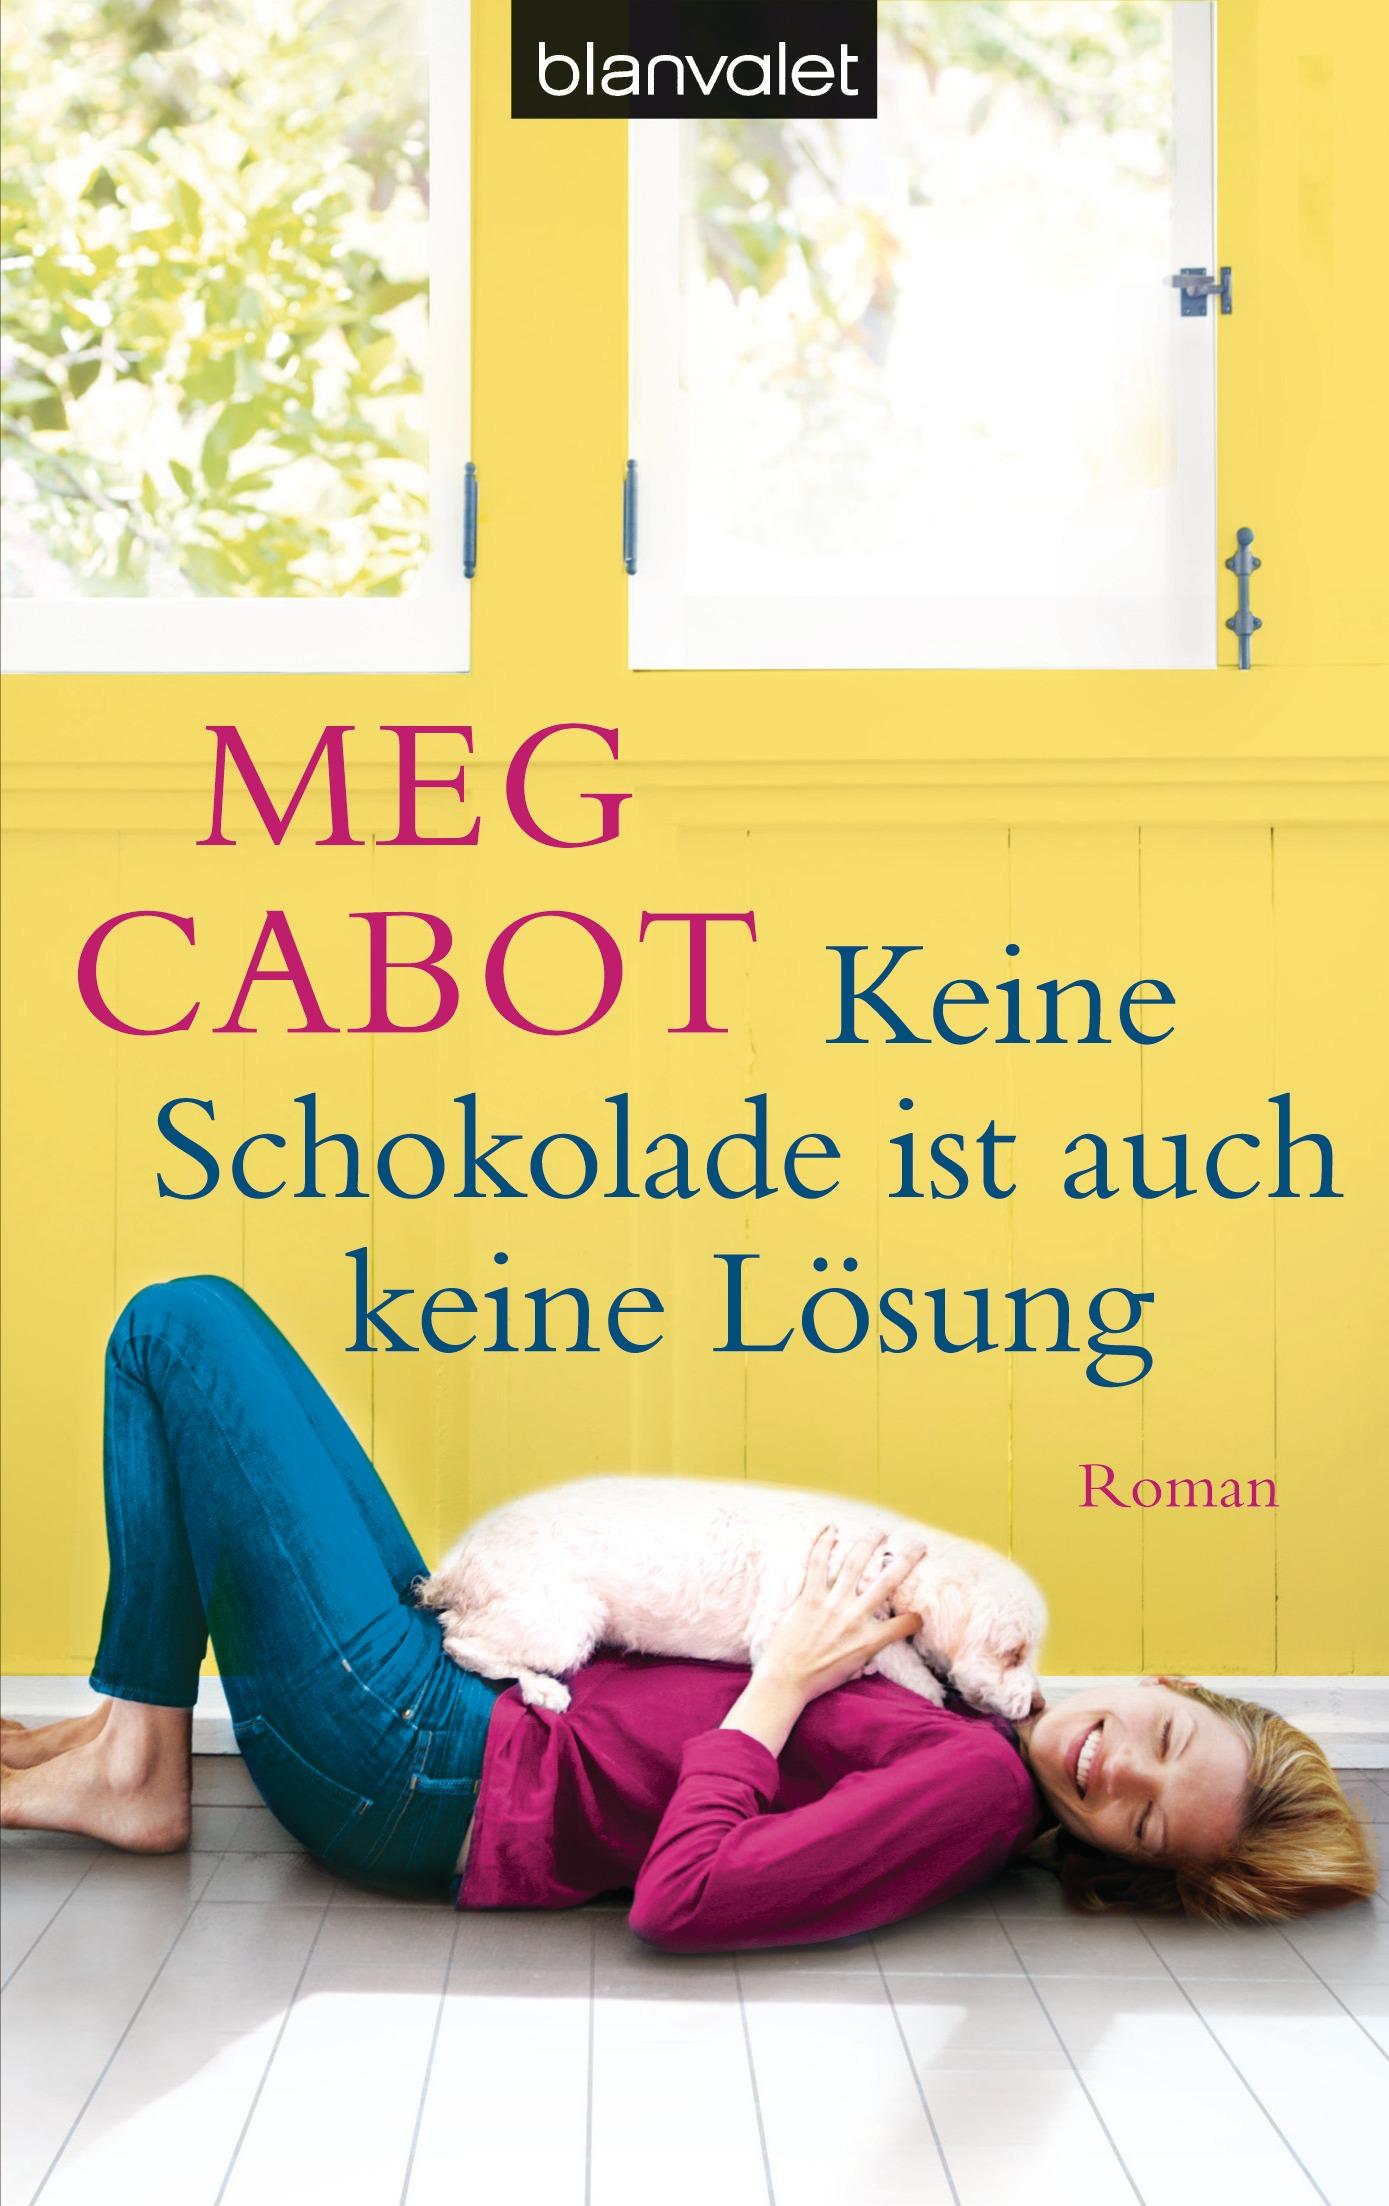 Keine Schokolade ist auch keine Loesung von Meg Cabot